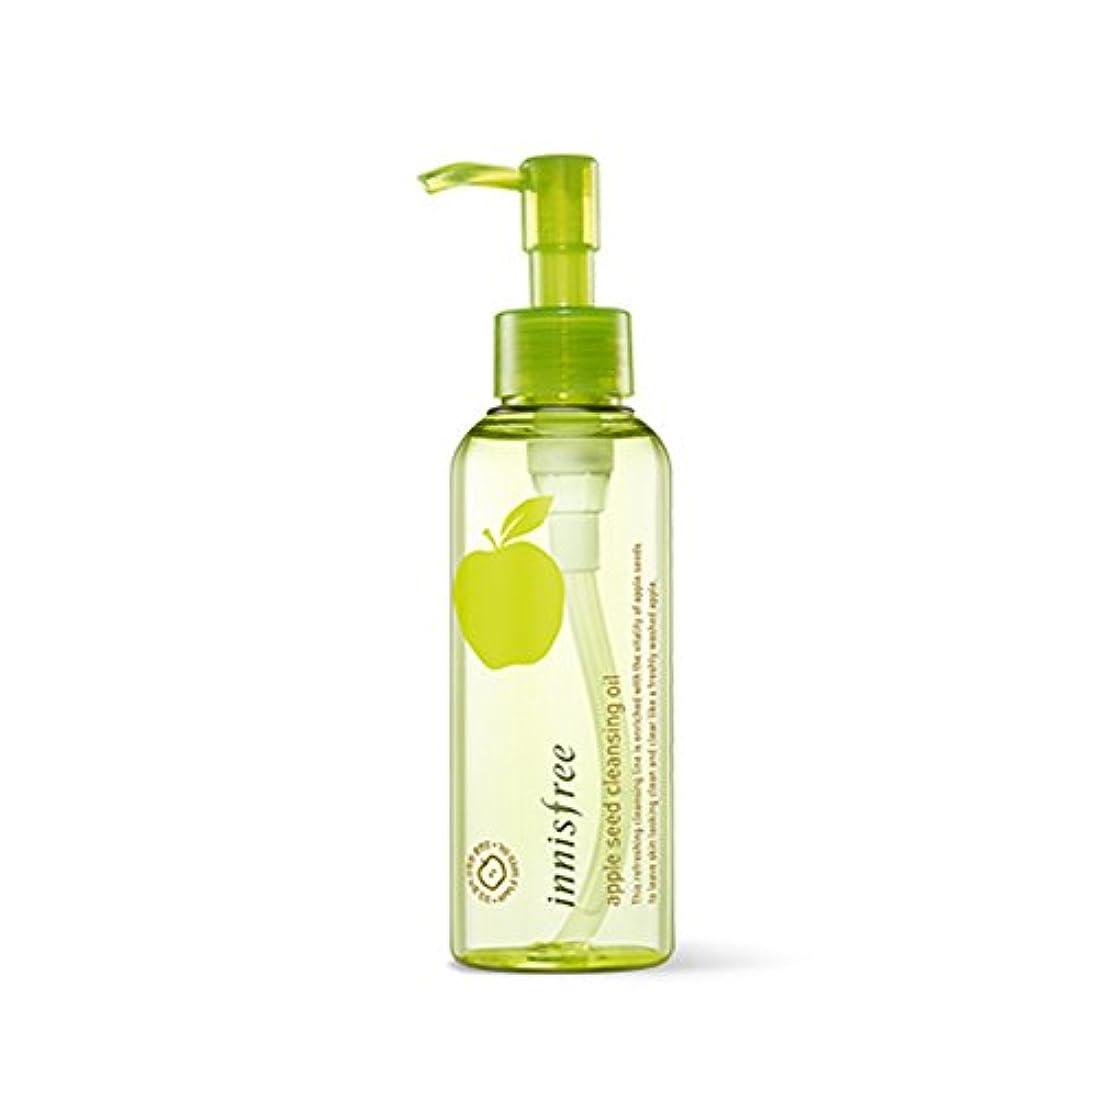 イニスフリーアップルシードクレンジングオイル150ml / Innisfree Apple Seed Cleansing Oil 150ml[海外直送品][並行輸入品]